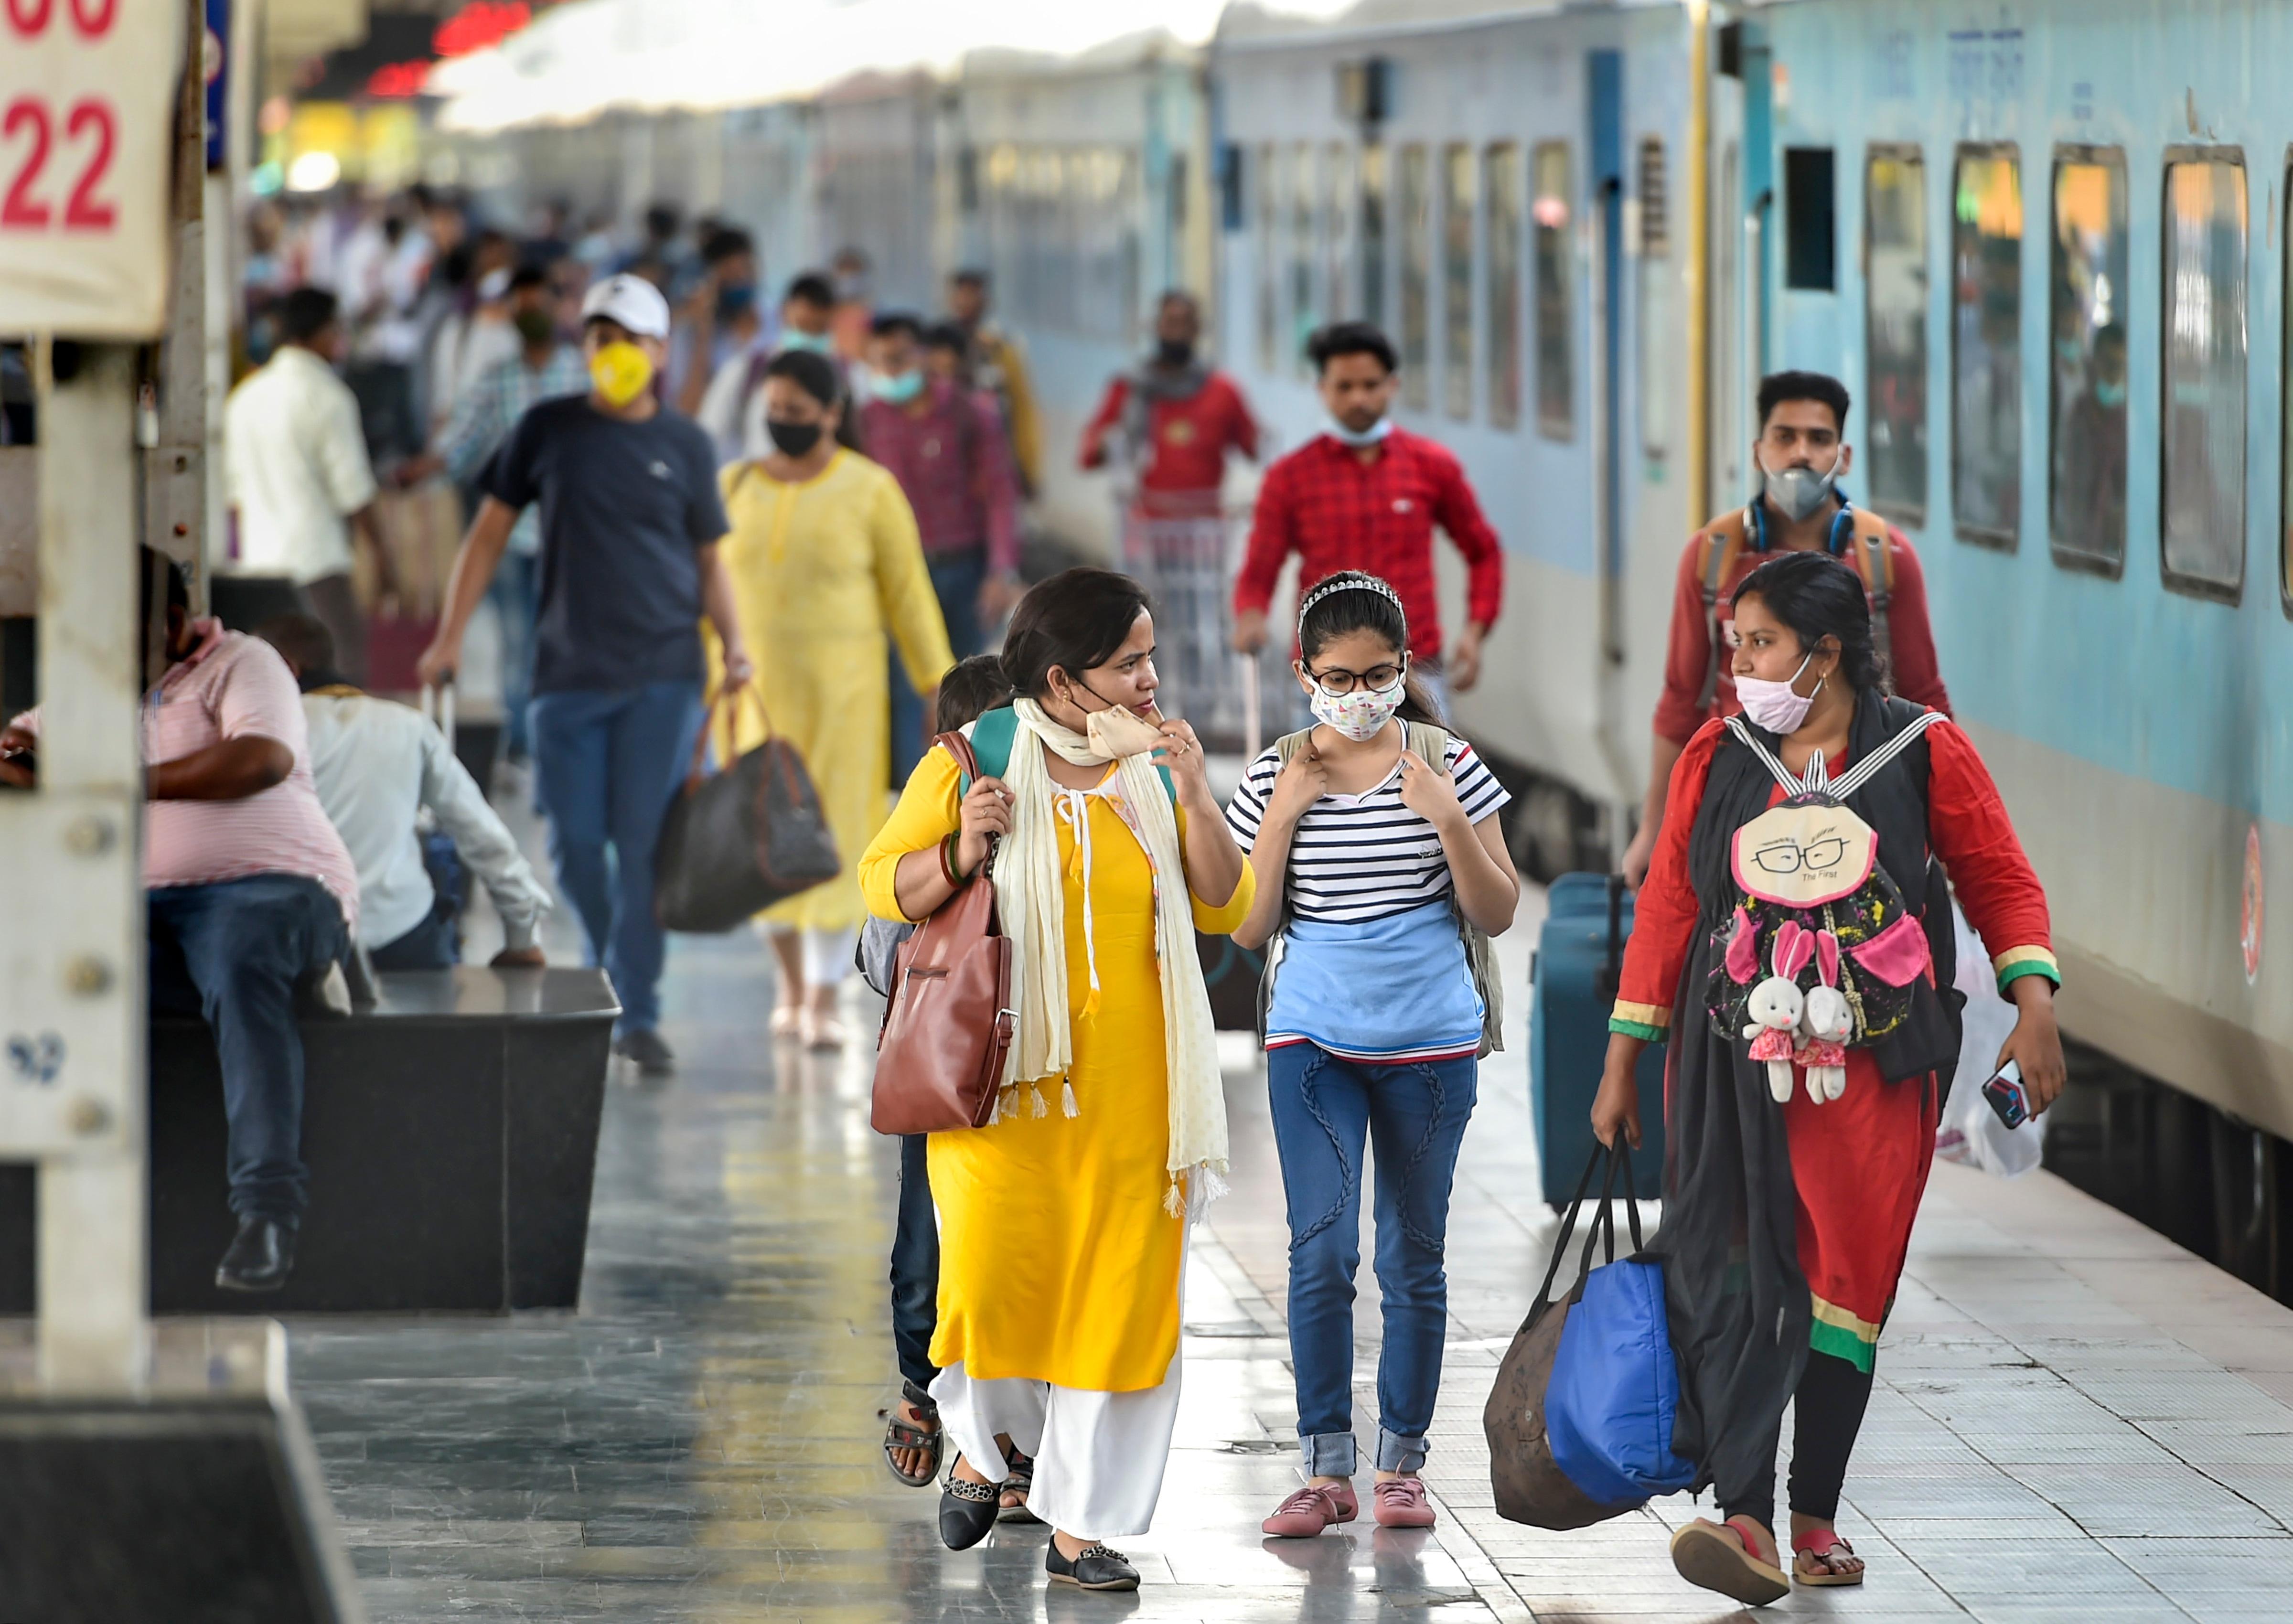 ০২৩৭০ দেরাদুন-হাওড়া স্পেশাল : আগামী ১ জুলাই পর্যন্ত চলবে। (ছবিটি প্রতীকী, সৌজন্য পিটিআই)